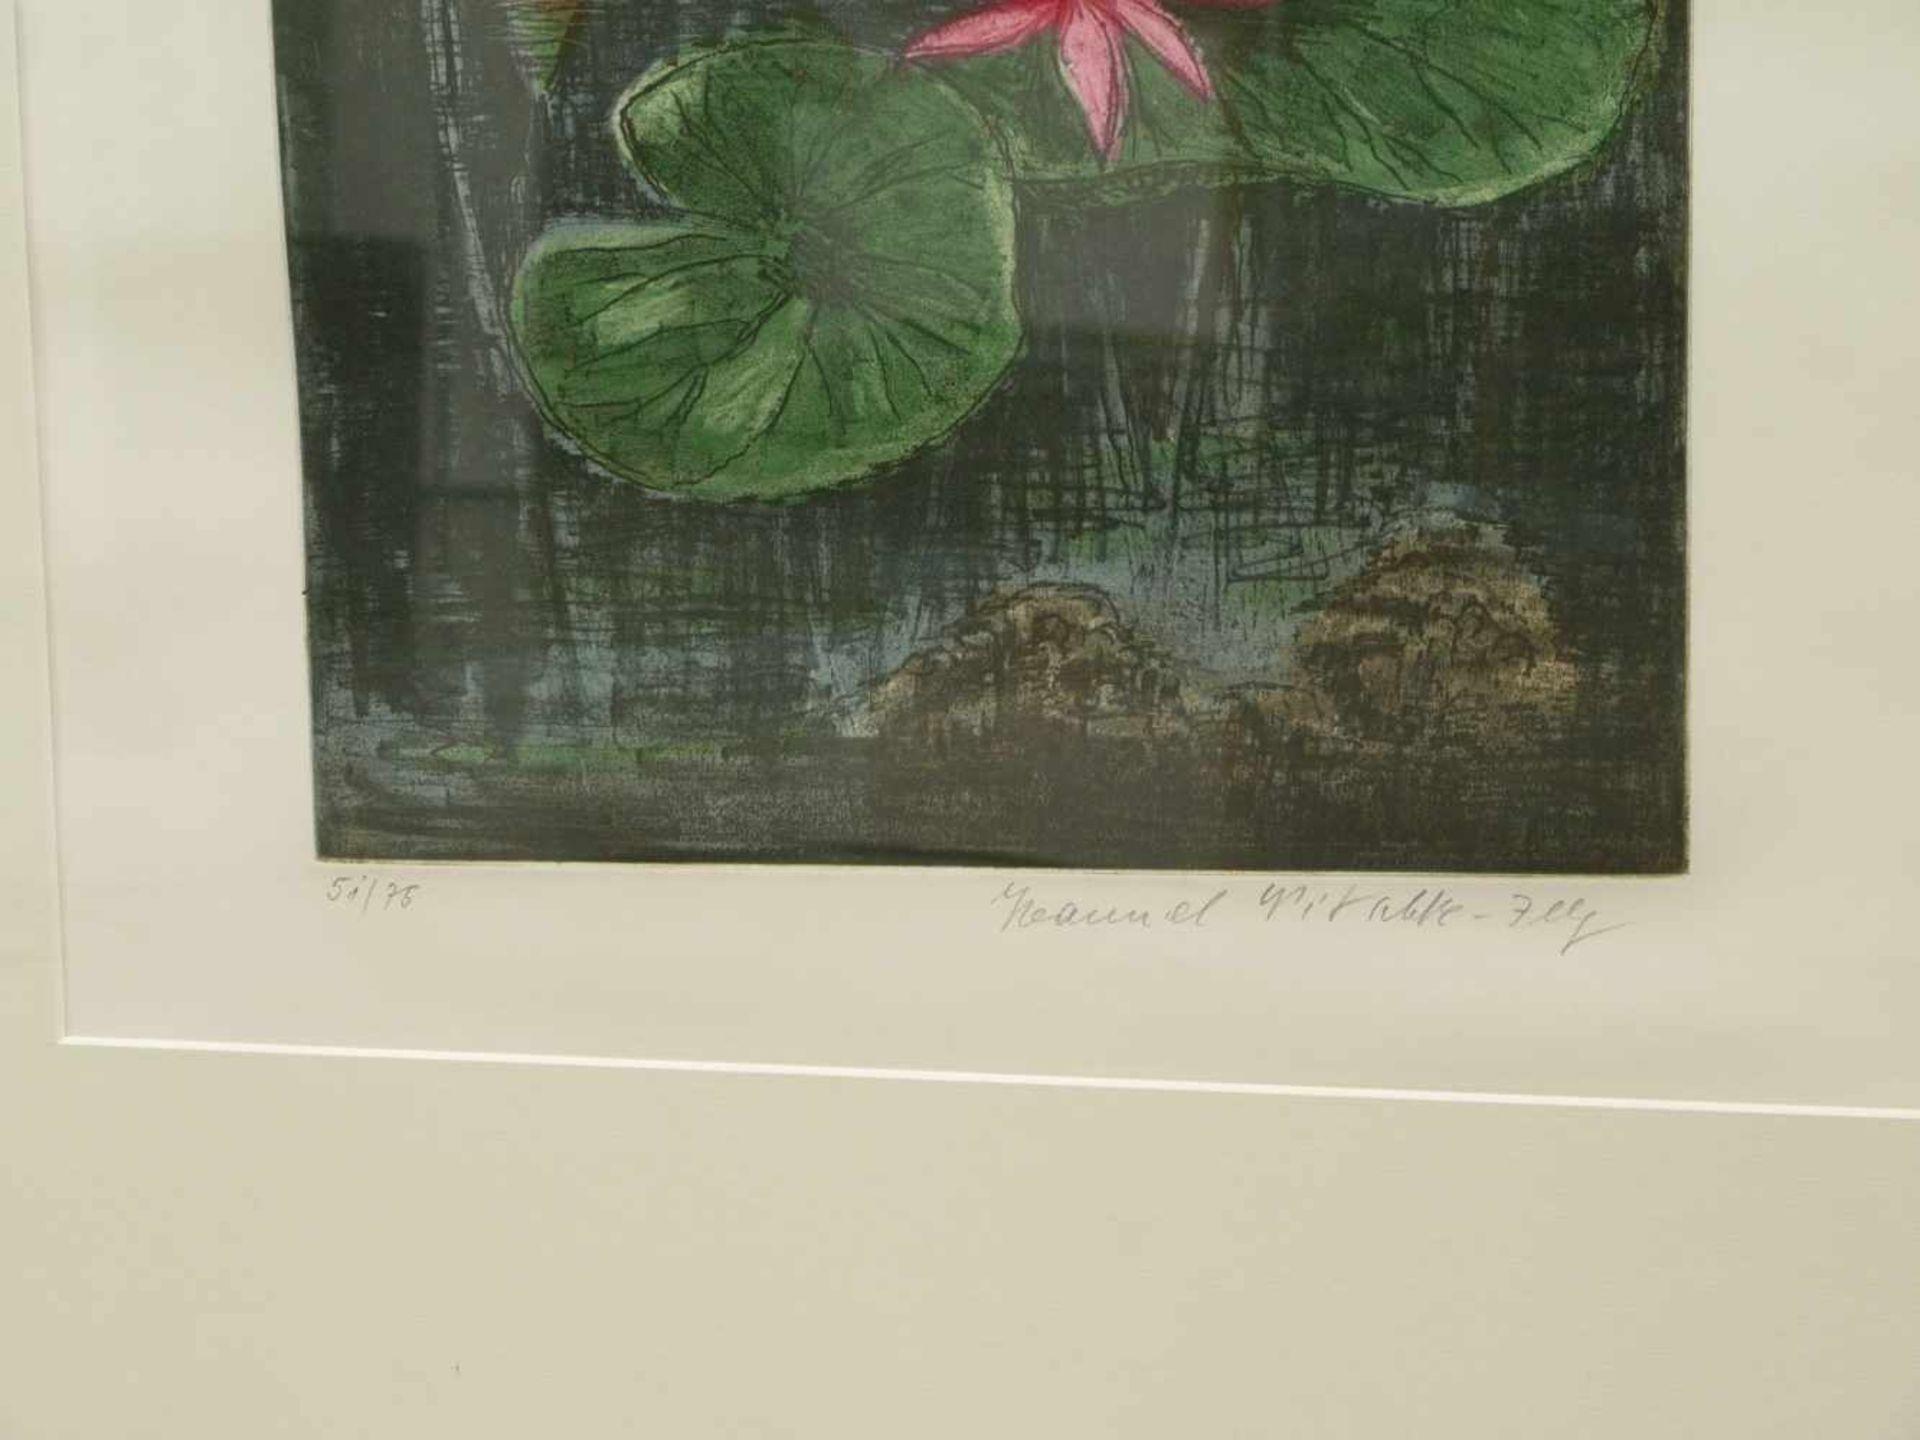 Los 29 - Nitschke-Illg, Hannel (1923) - Seerosen Farbaquatinta 51/75In kräftiger Farbpalette dargestellte